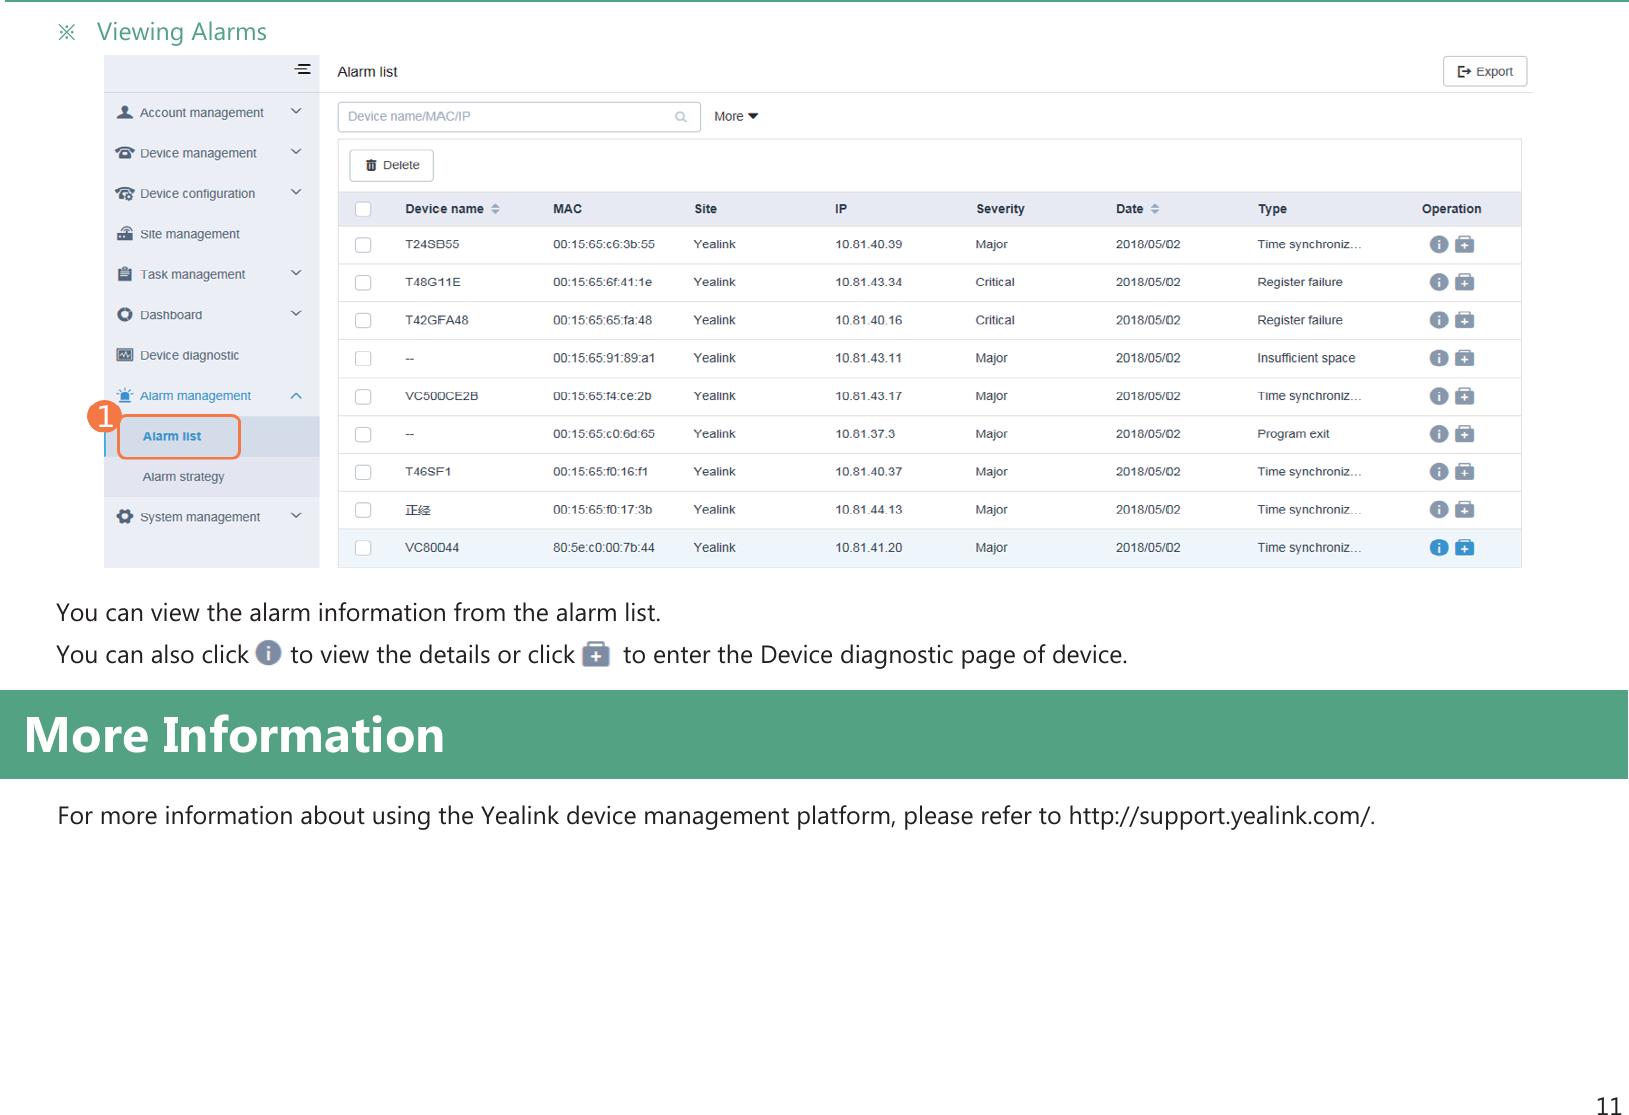 Yealink_Device_Management_Platform_Quick_Start_Guide_V2 0 0 14